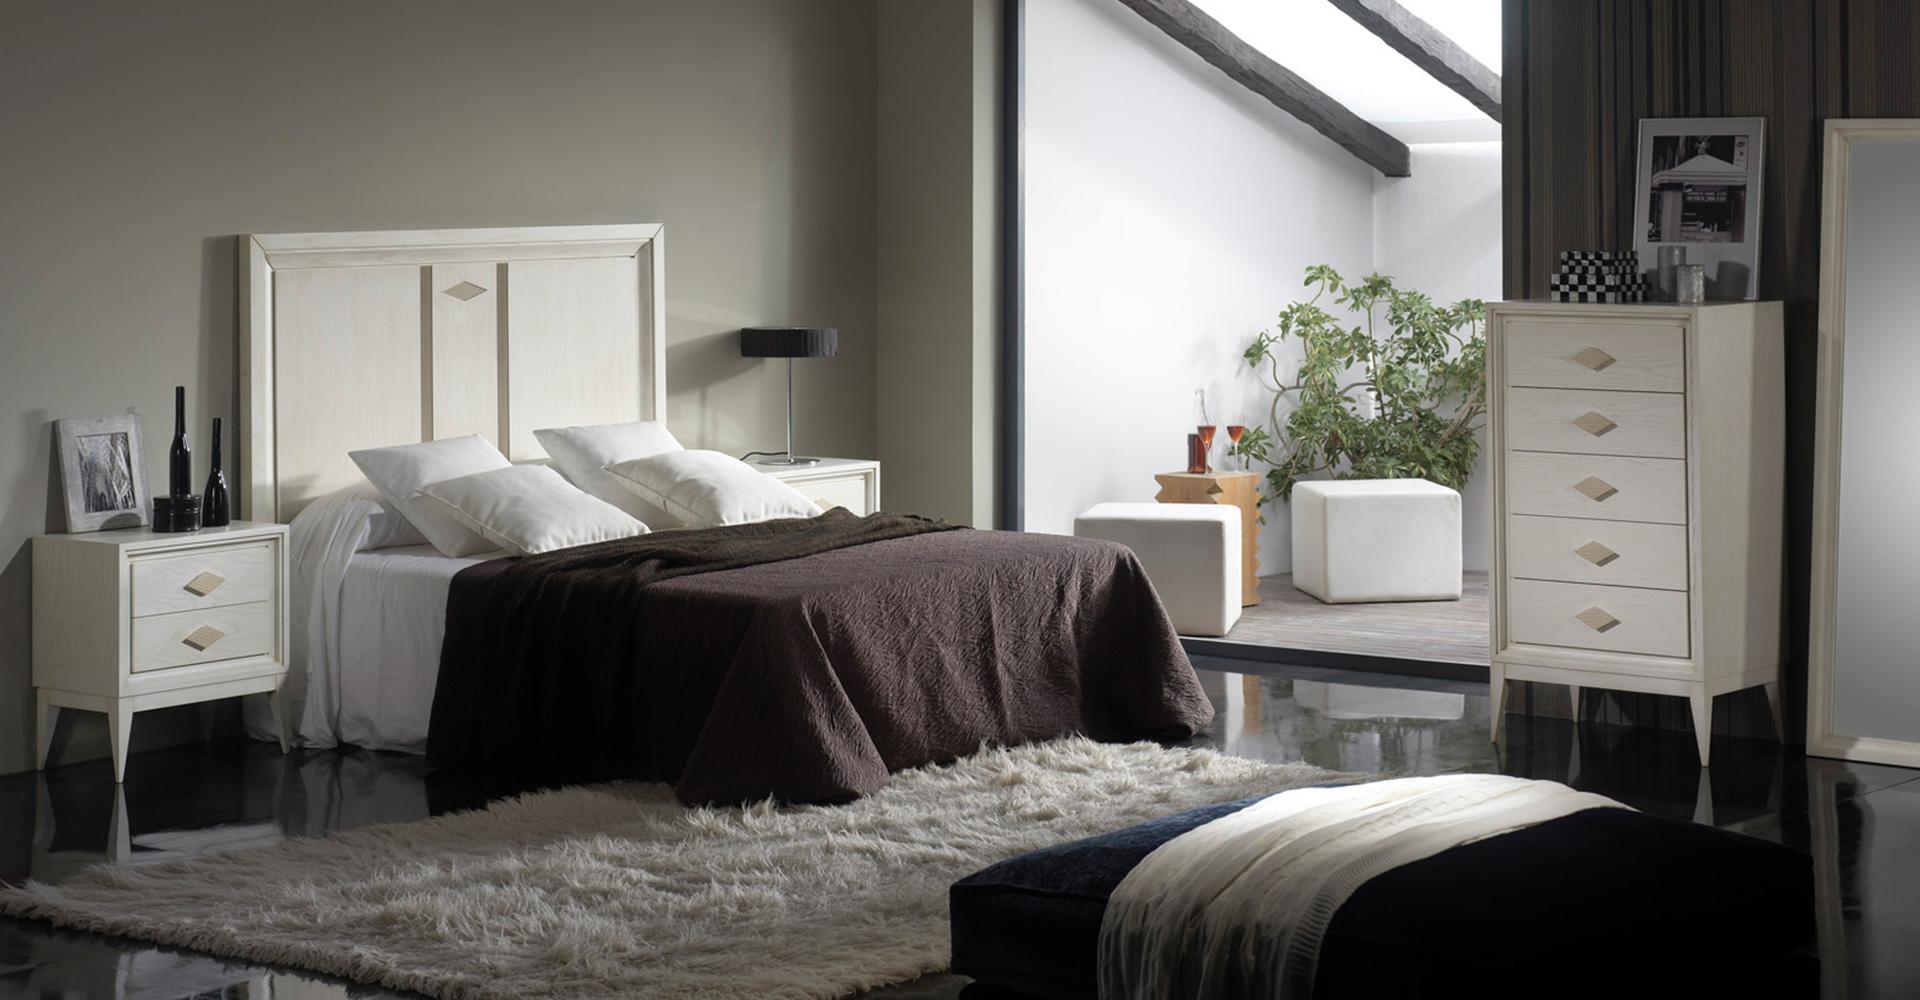 dormitorio de estilo contemporaneo (61)